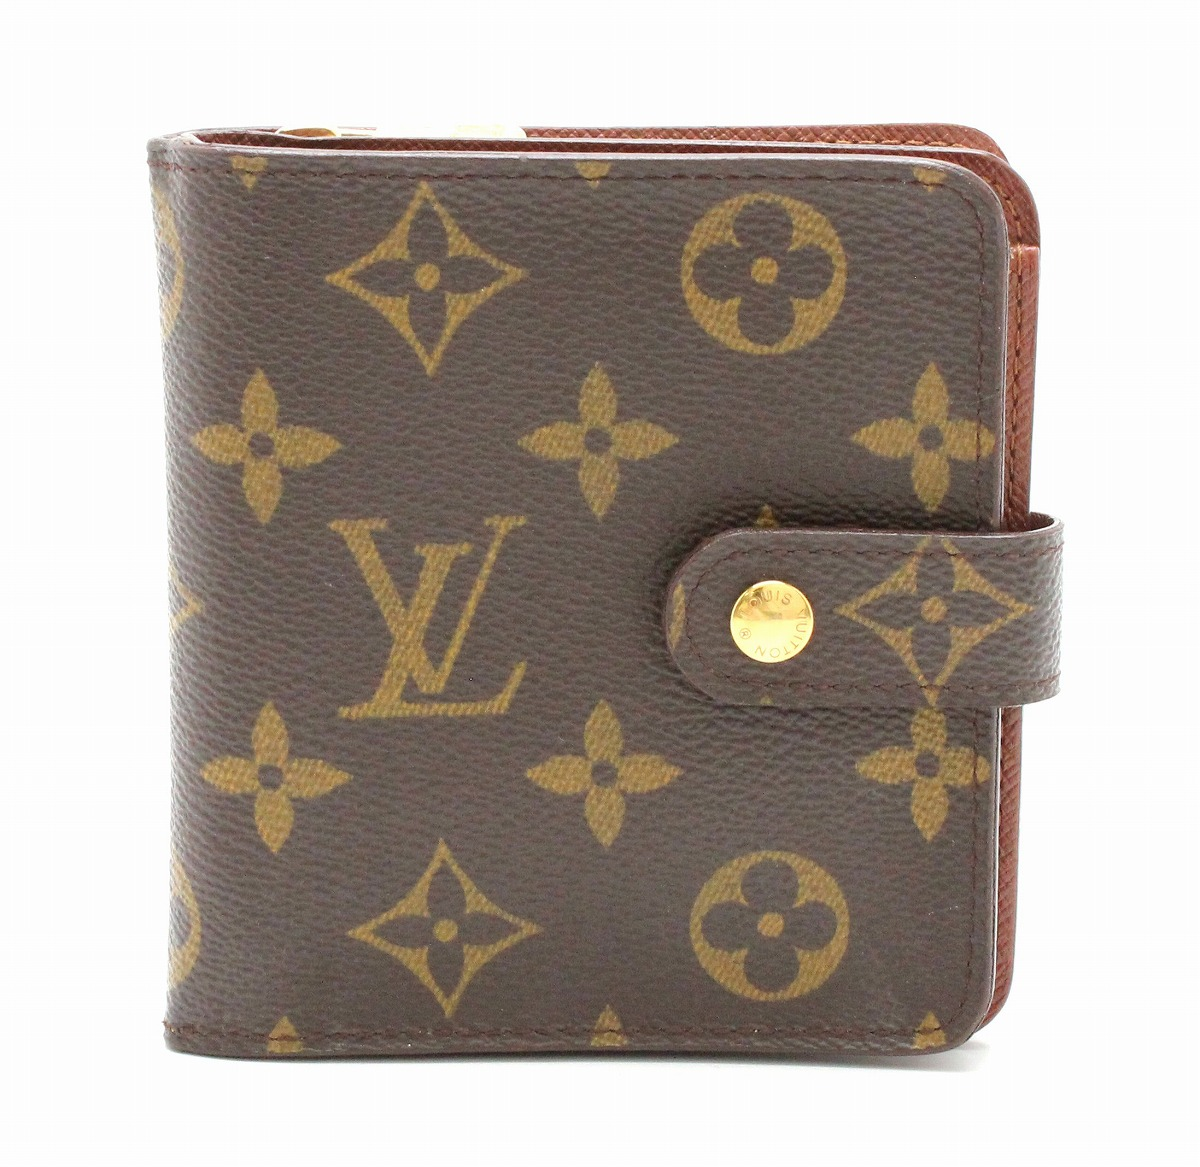 【財布】LOUIS VUITTON ルイ ヴィトン モノグラム コンパクトジップ コの字型 2つ折ファスナー財布 M61667 【中古】【k】